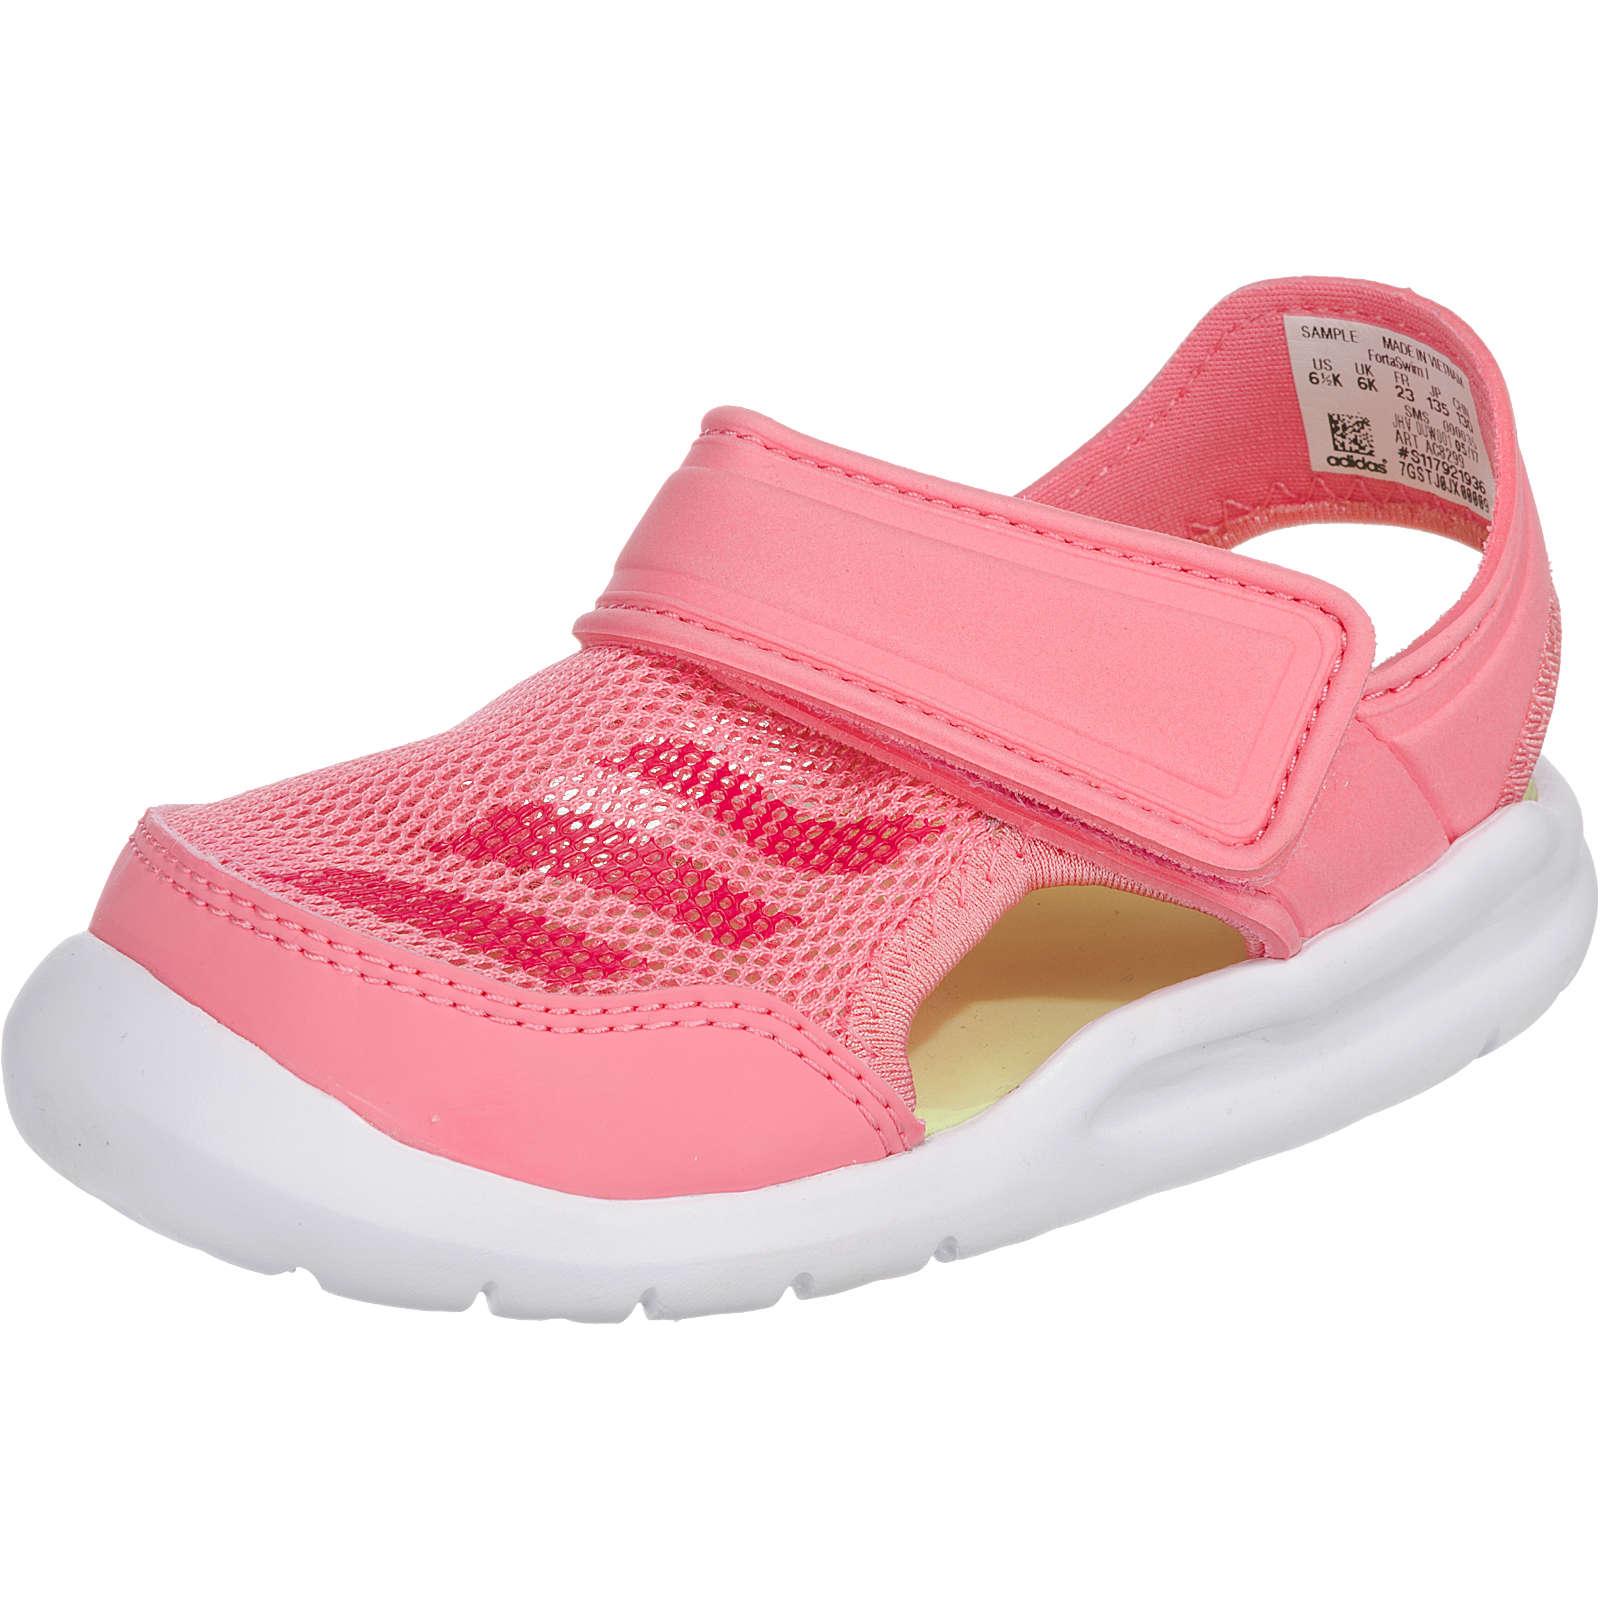 adidas Performance Baby Badeschuhe FortaSwim I für Mädchen rosa Mädchen Gr. 22